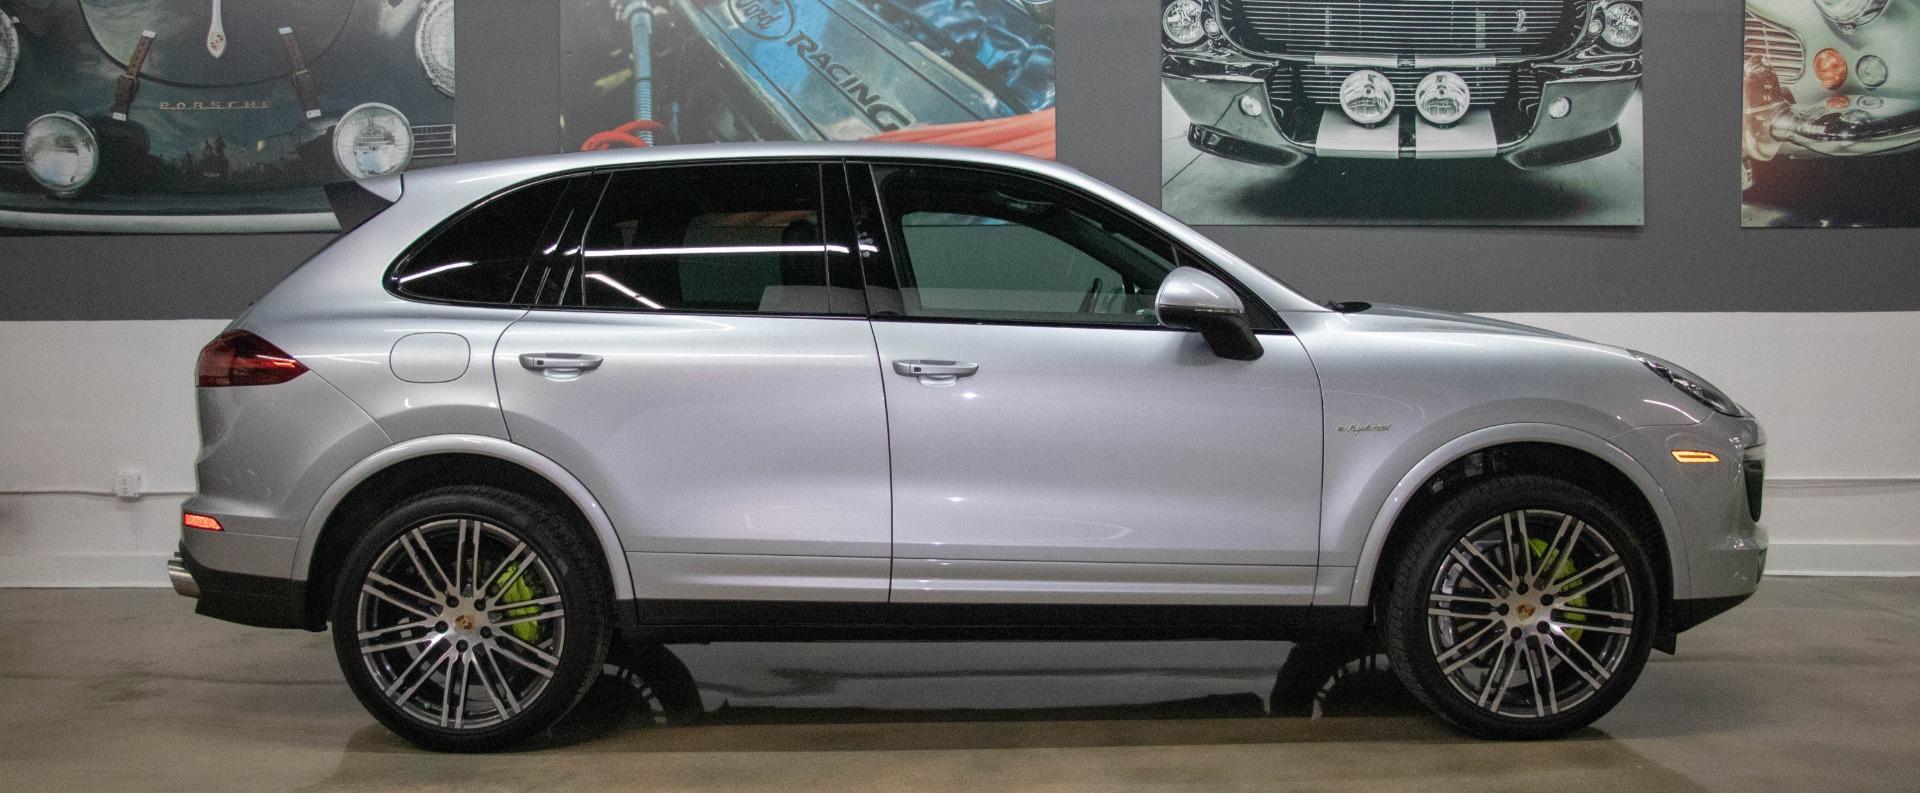 Used 2017 Porsche Cayenne S E-Hybrid Platinum Edition | Miami, FL